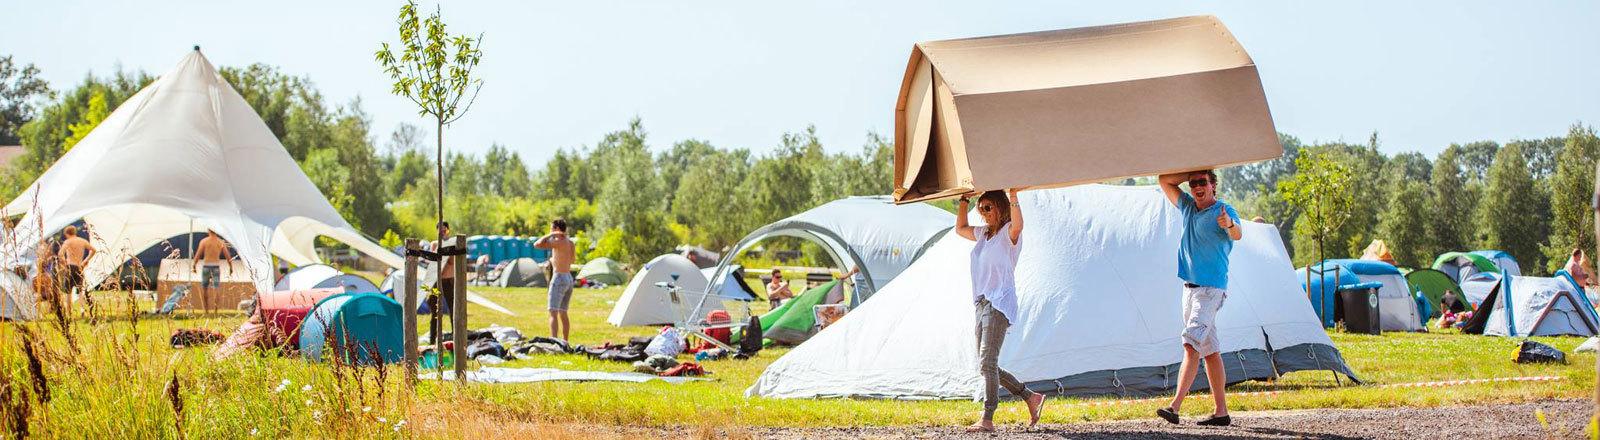 Ein Mann und eine Frau tragen ein Pappzelt - hinter ihnen sind auf einer Wiese konventionelle Zelte zu sehen.